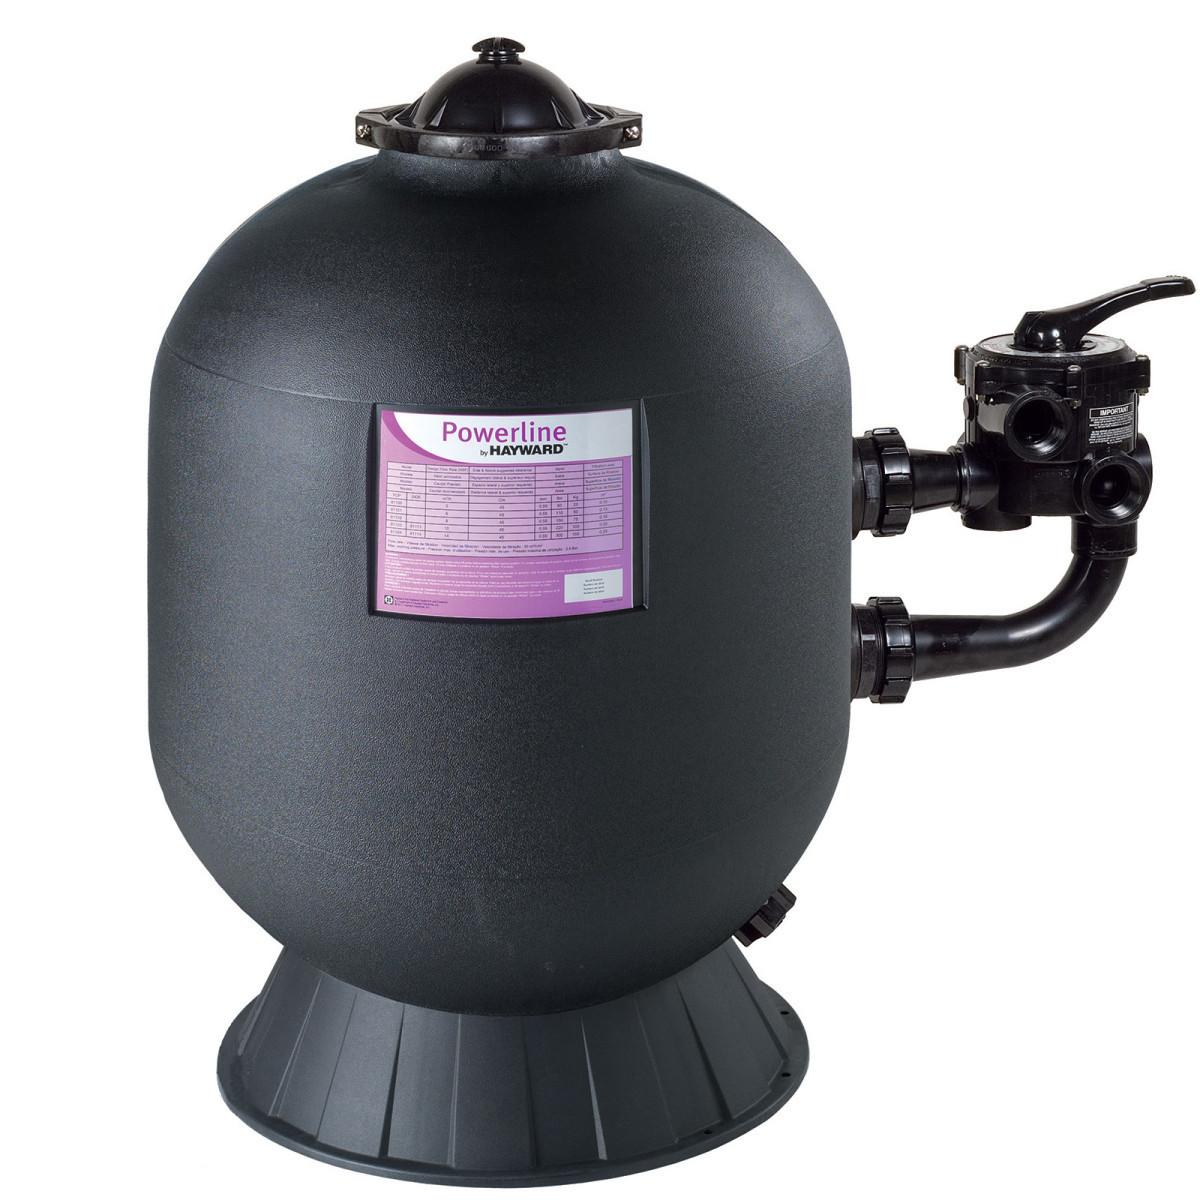 Фильтр Hayward PowerLine 81113 (10 м3/ч, D511) для бассейна с объёмом воды до 40 м3